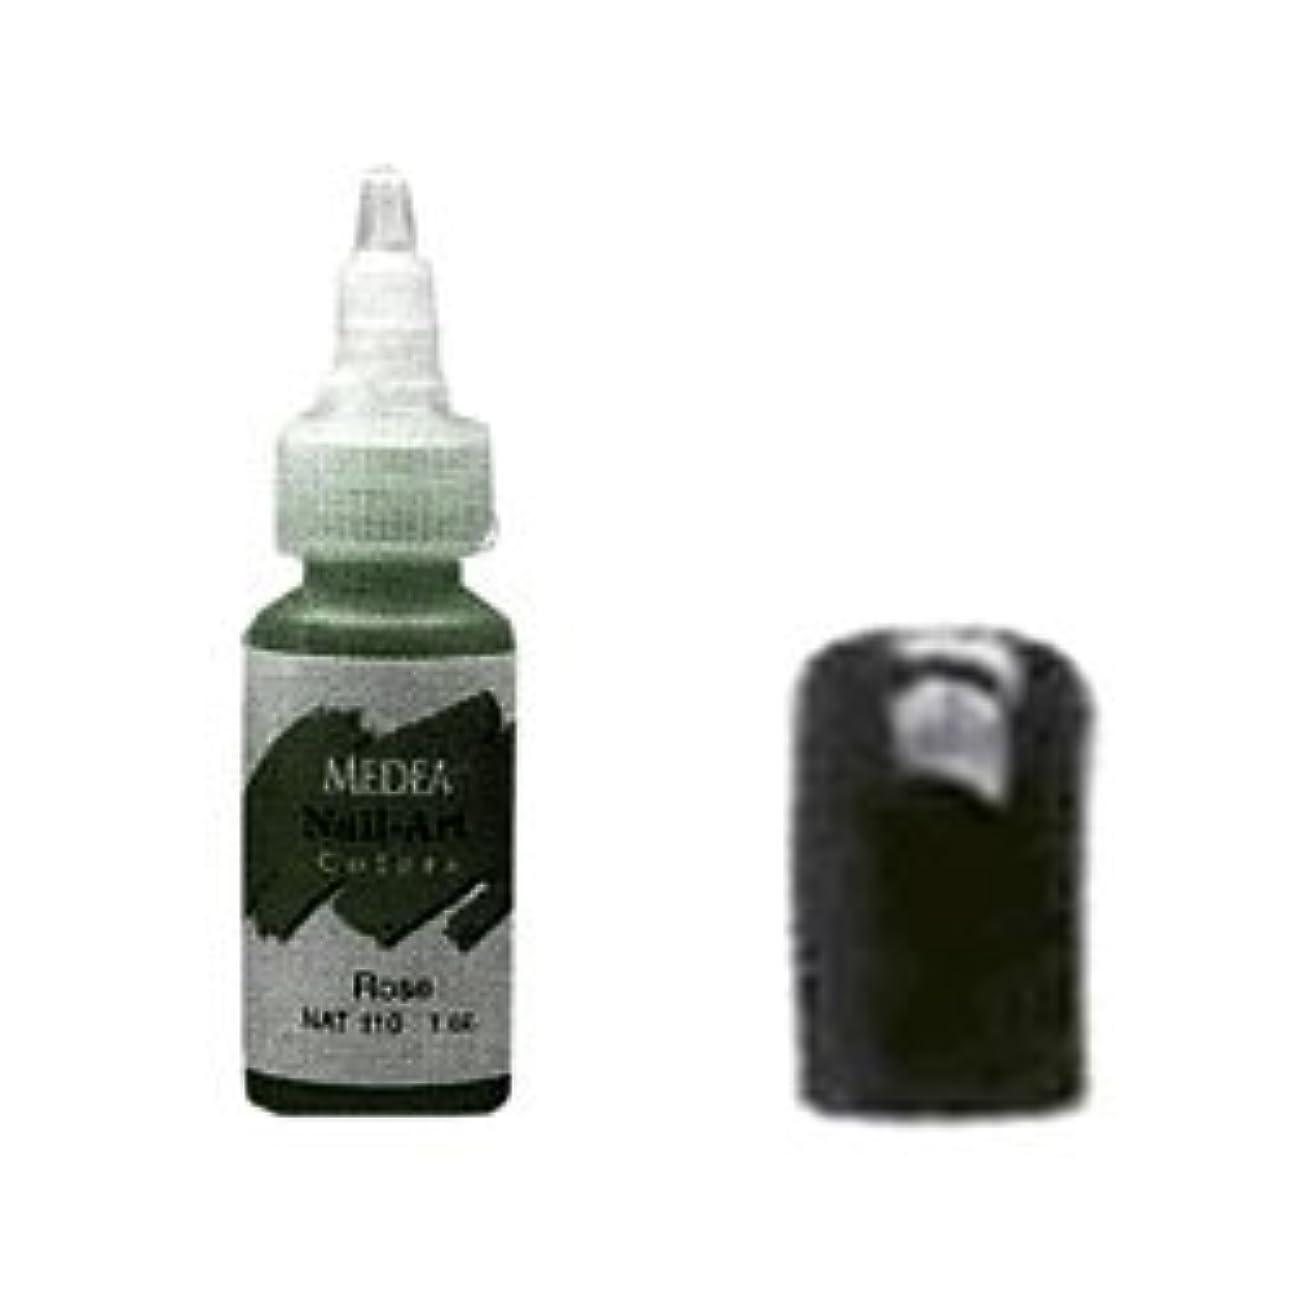 採用不可能な合法ネイルカラー30ml ブラックオニクス NAT124